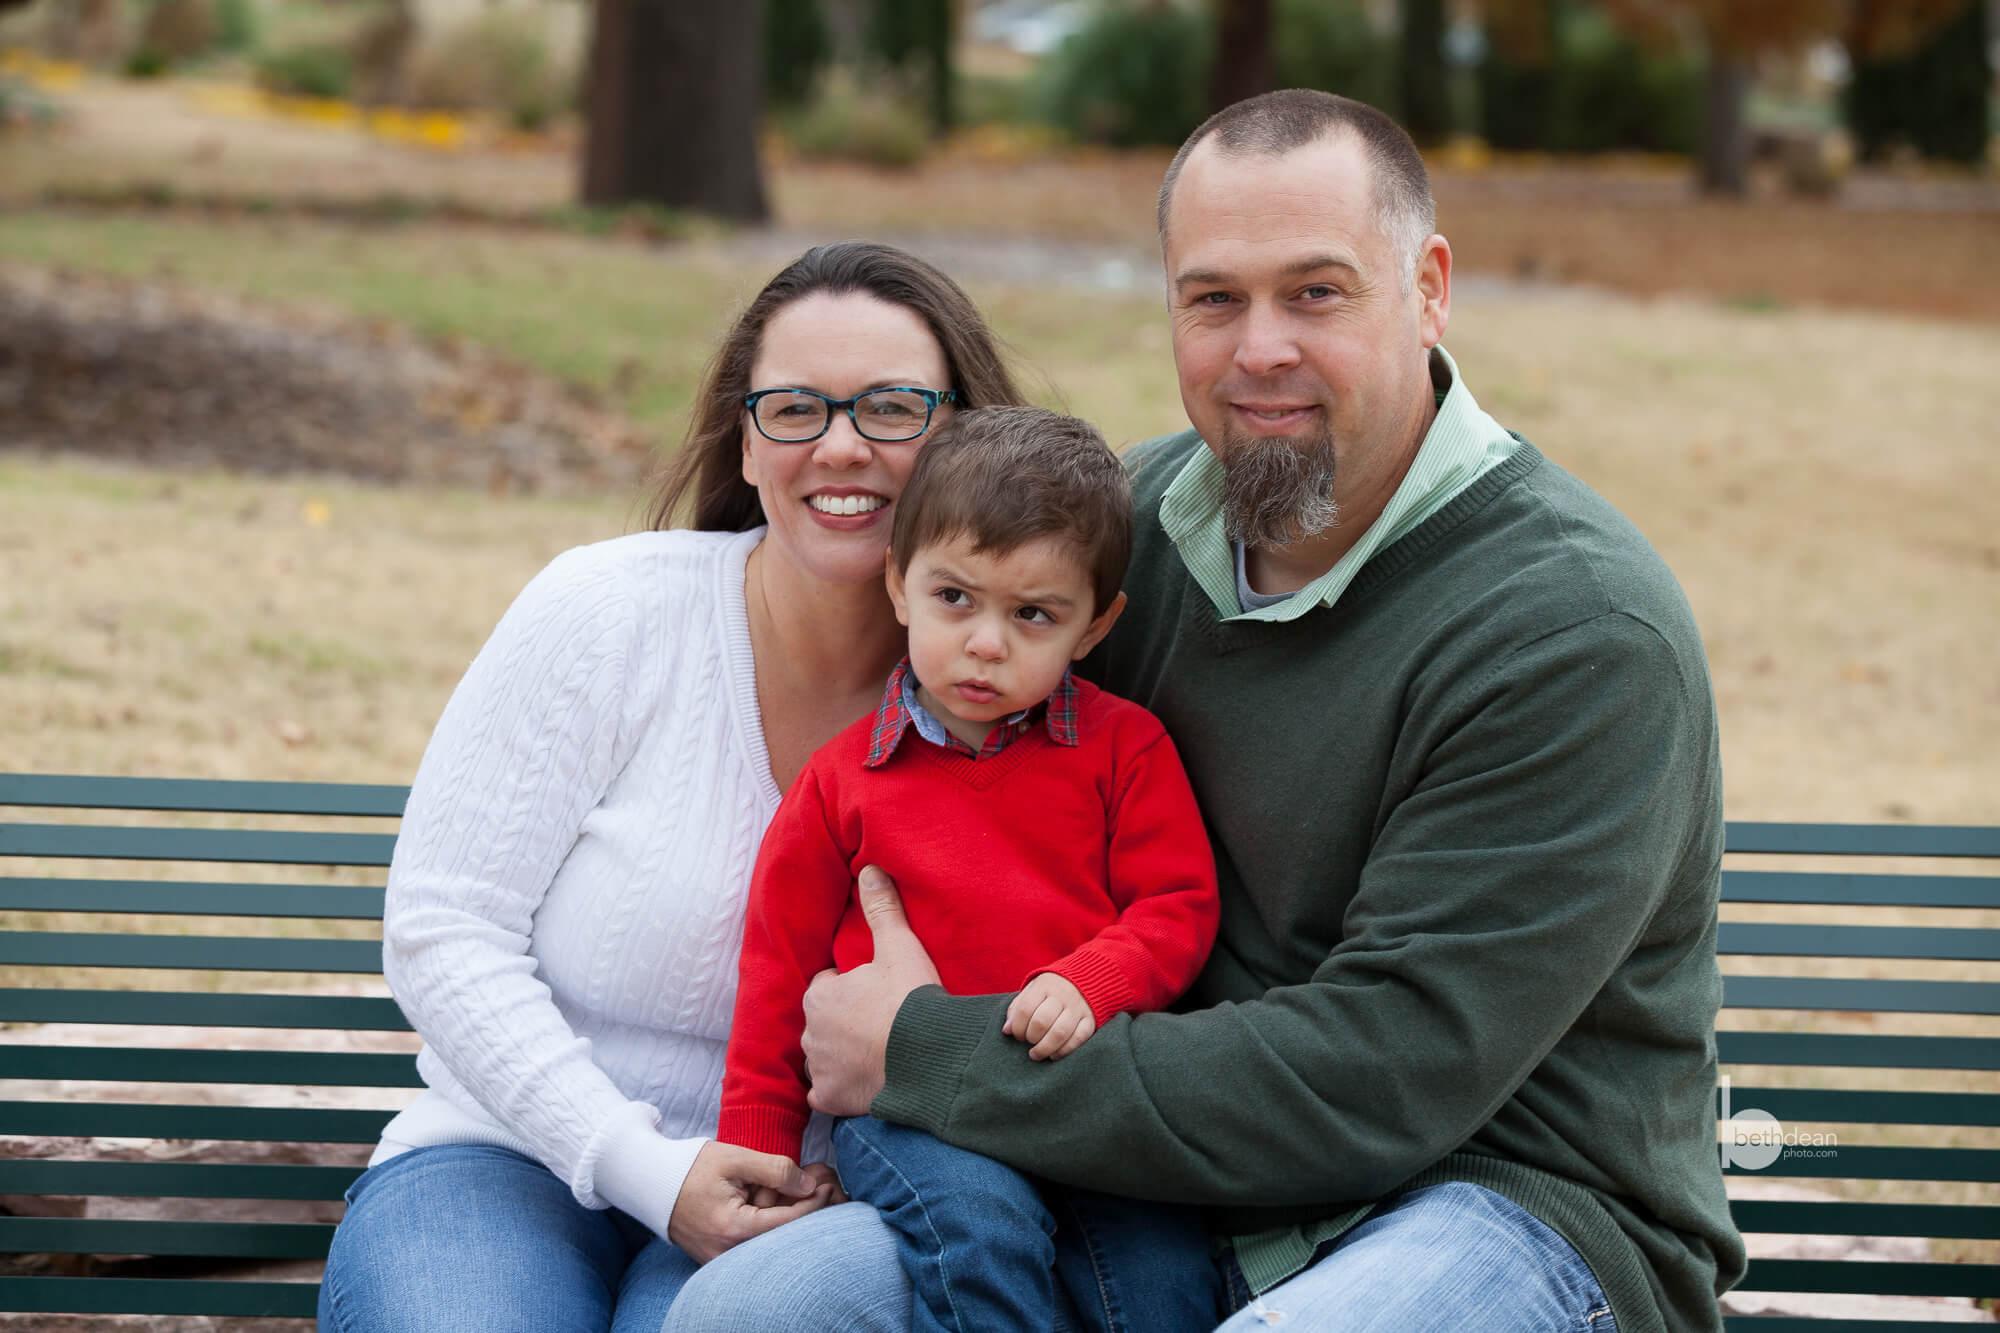 www.bethdeanphoto.com - Oklahoma City Family Photography